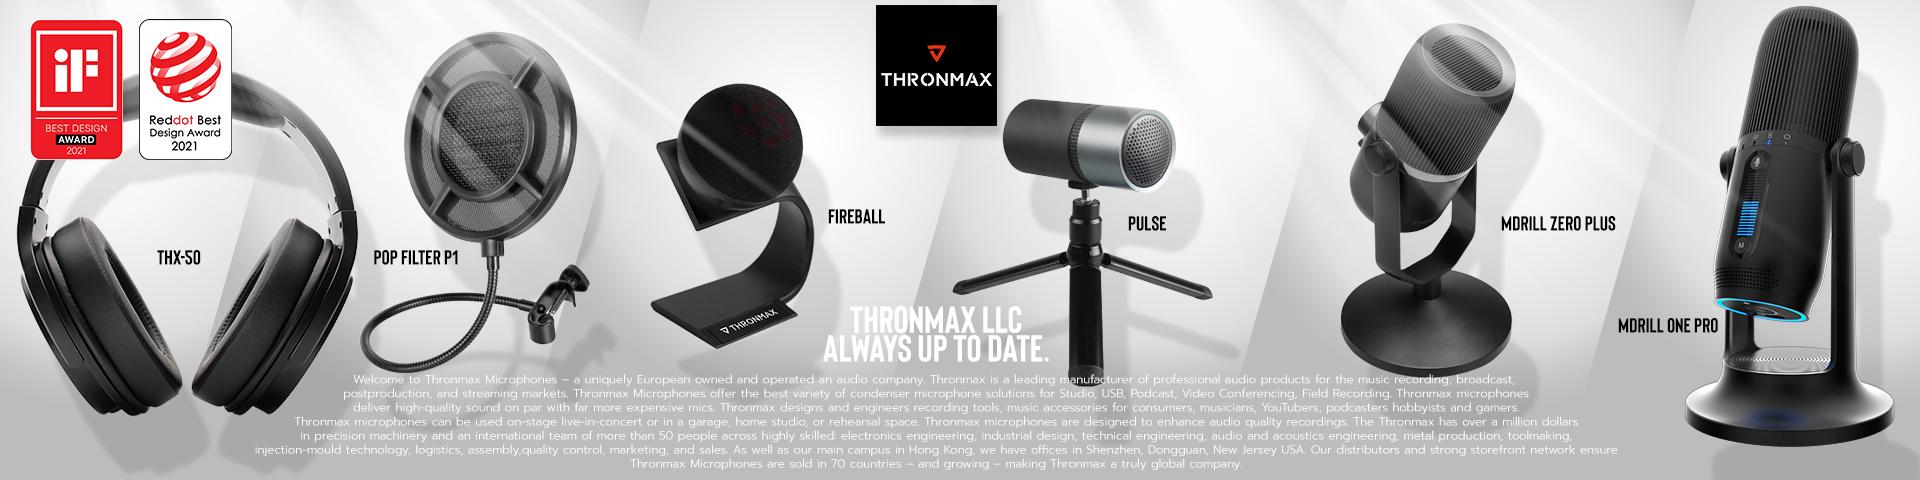 Thronmax USB Microphones / Headphones / Filter